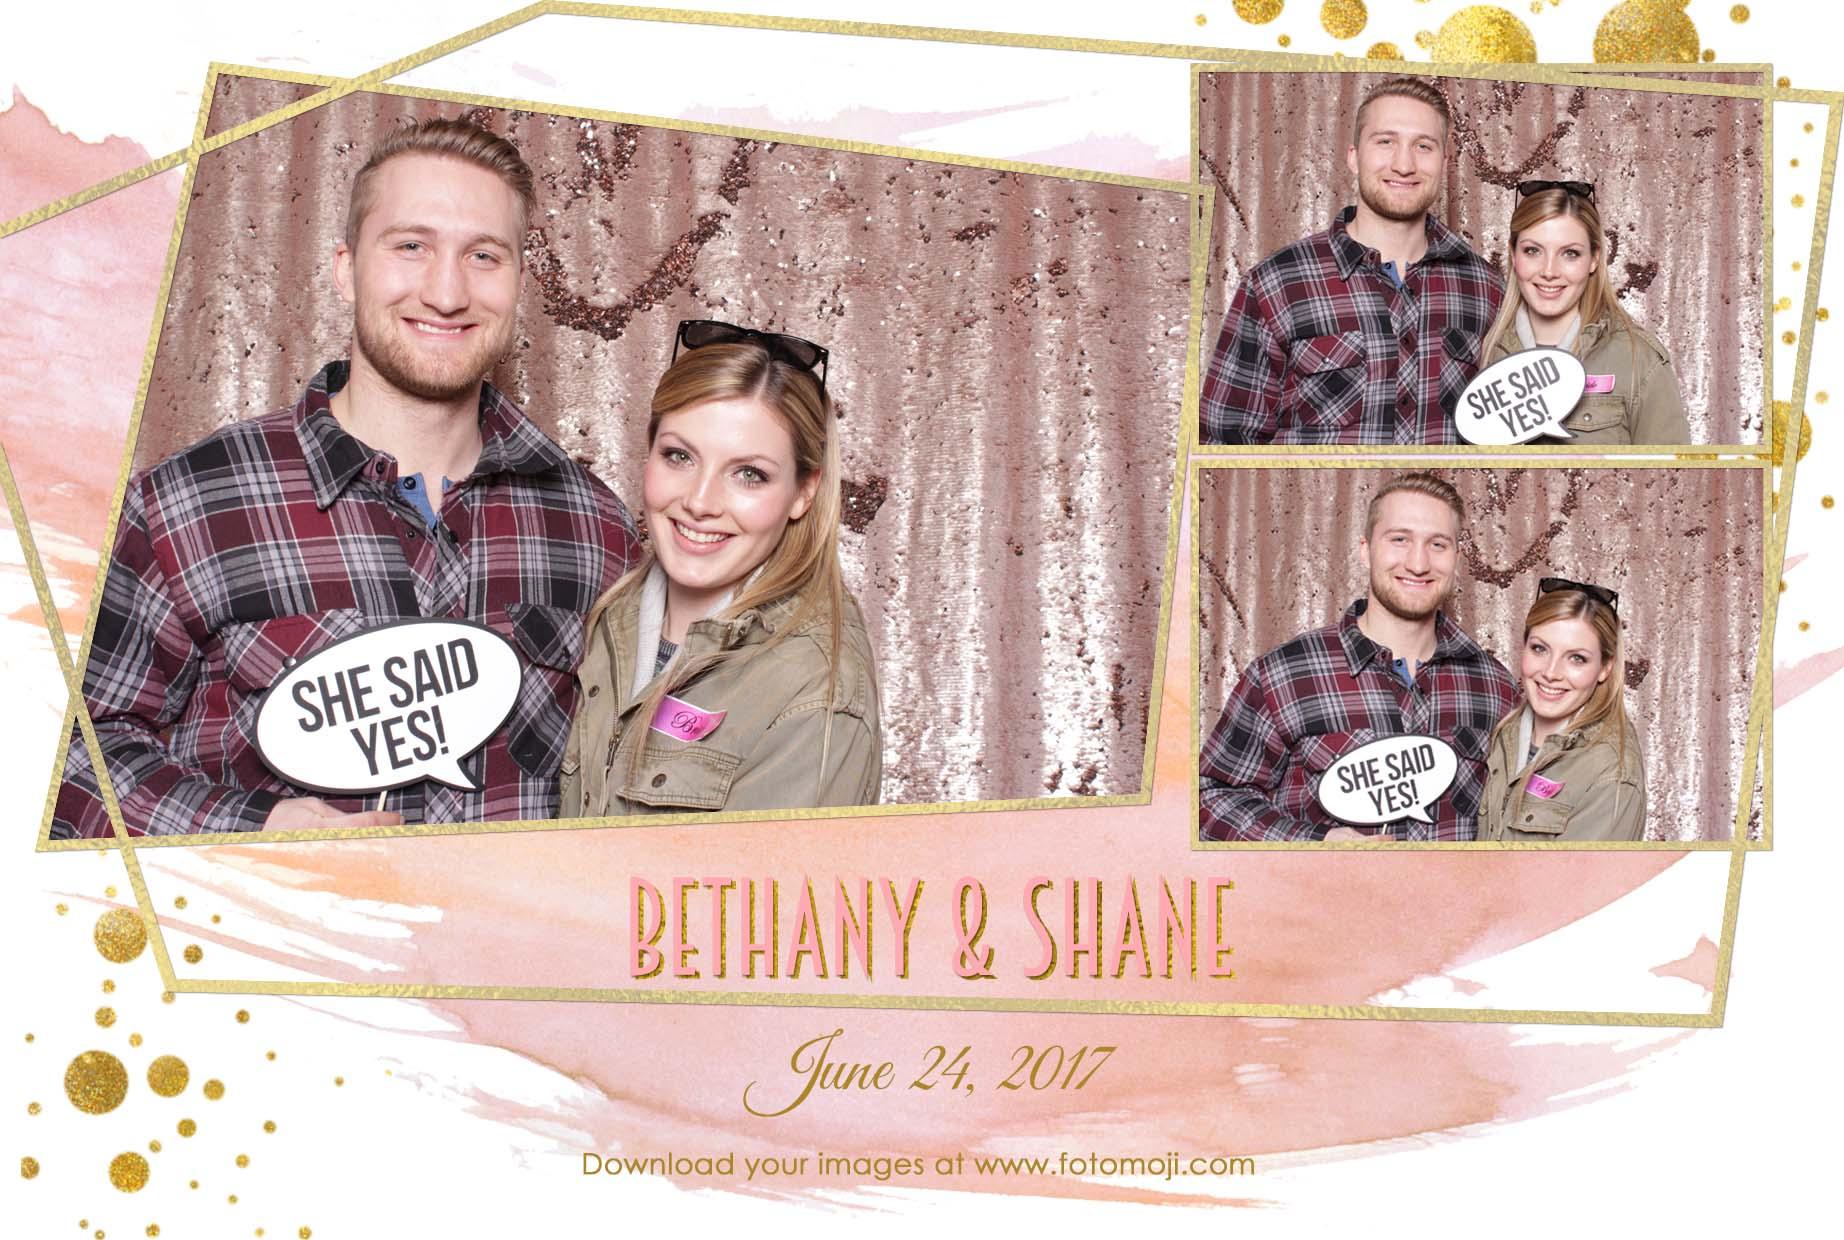 Calgary wedding photo booth